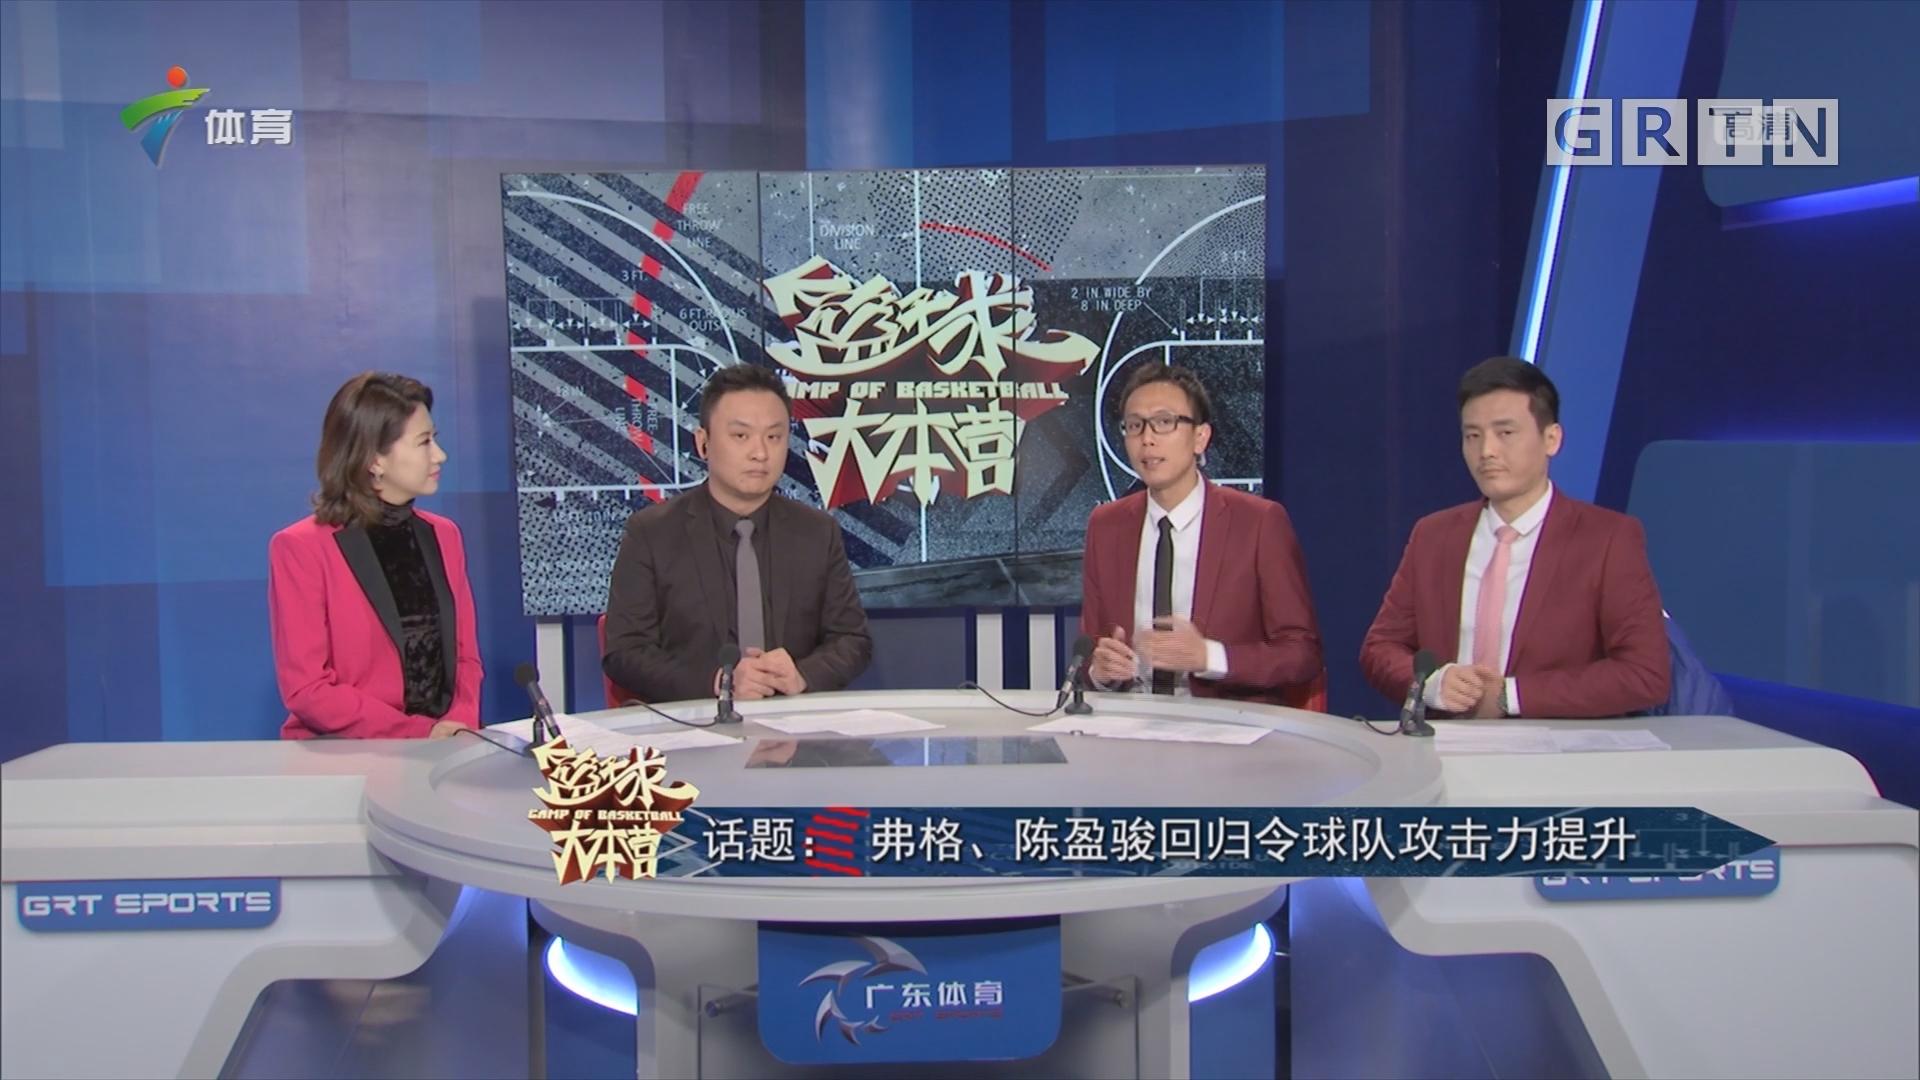 话题:费格、陈盈骏回归令球队攻击力提升